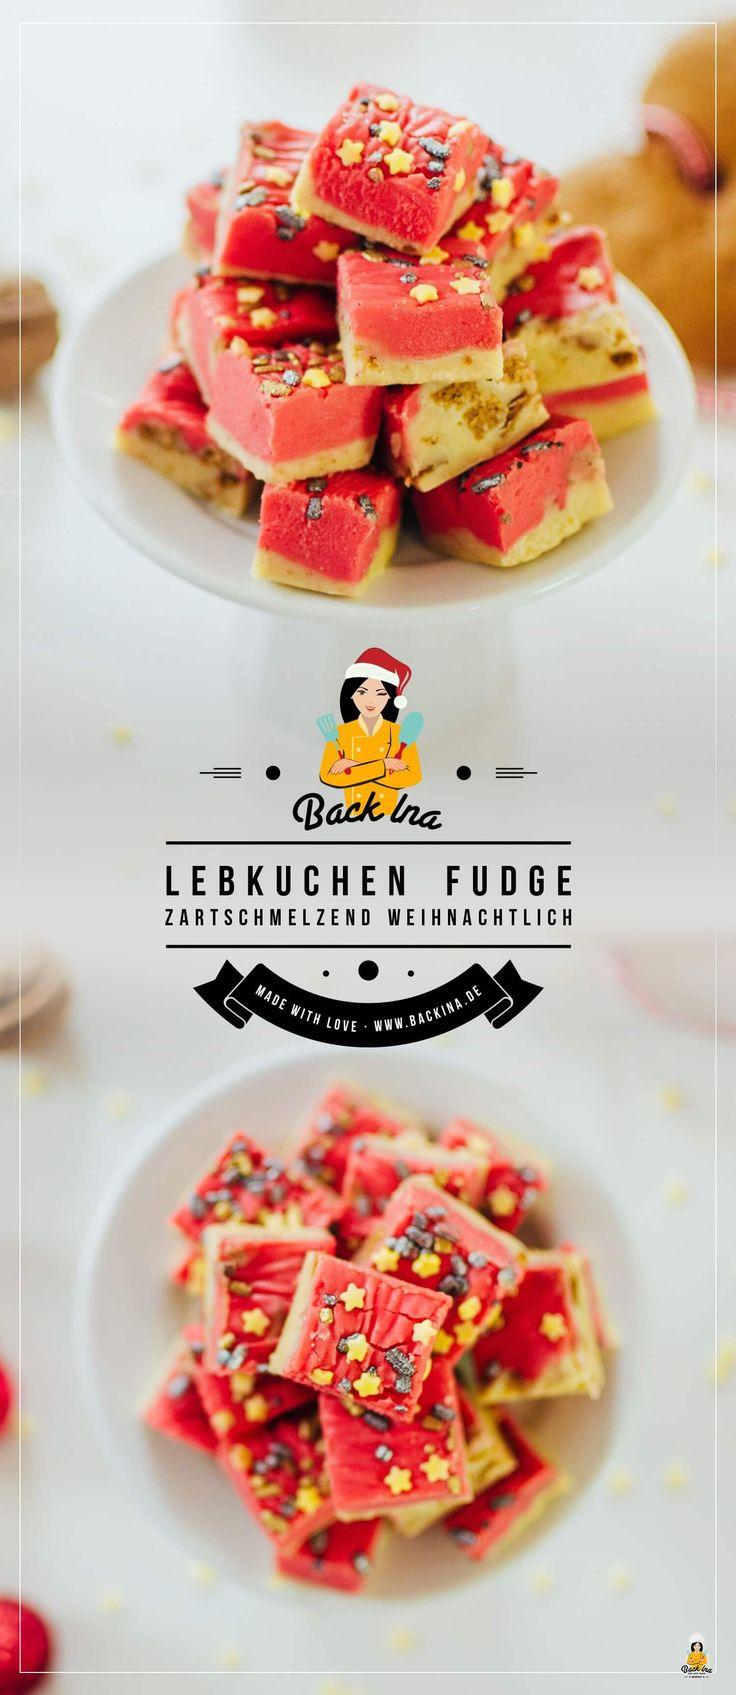 Lebkuchen Fudge (oder auch Weichkaramellen mit Lebkuchen-Geschmack) sind ideale Geschenke aus der Küche: Weihnachtliches Karamell mit Vanille- und Lebkuchen-Geschmack ist ganz leicht gemacht! Probier es doch auch mal aus!   BackIna.de